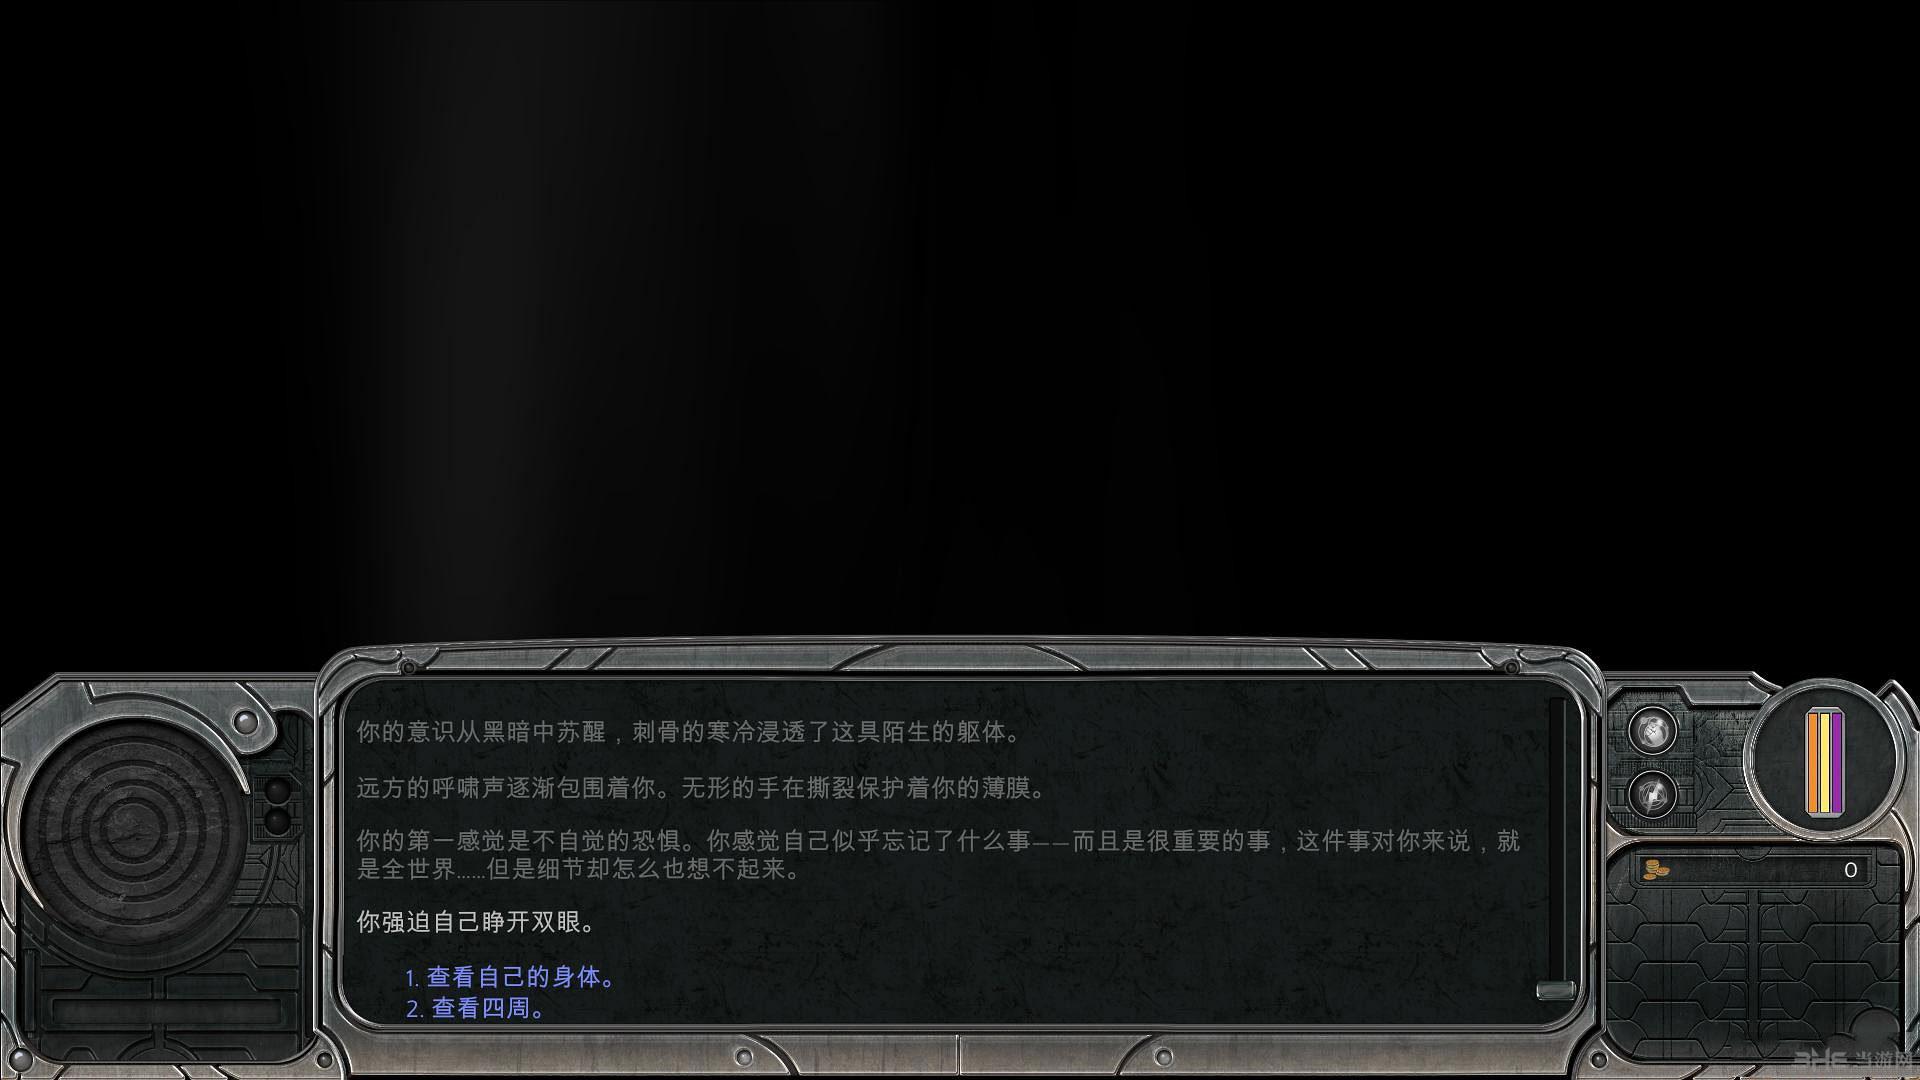 折磨:扭蒙拉之潮简体中文汉化补丁截图3